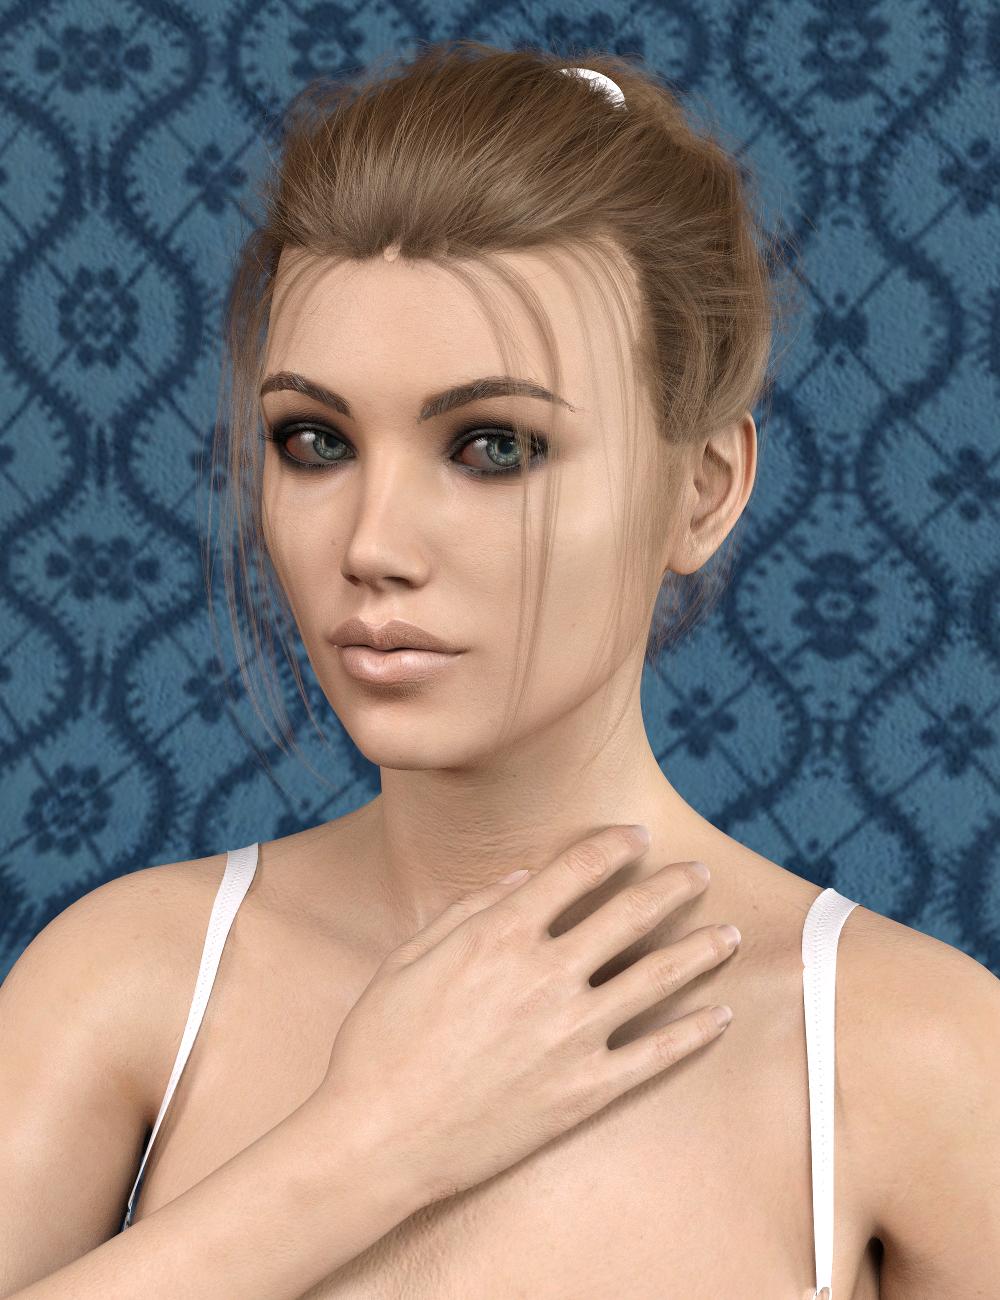 SF Beautiful Skin Iray Genesis 8 Female by: SickleyieldFuseling, 3D Models by Daz 3D